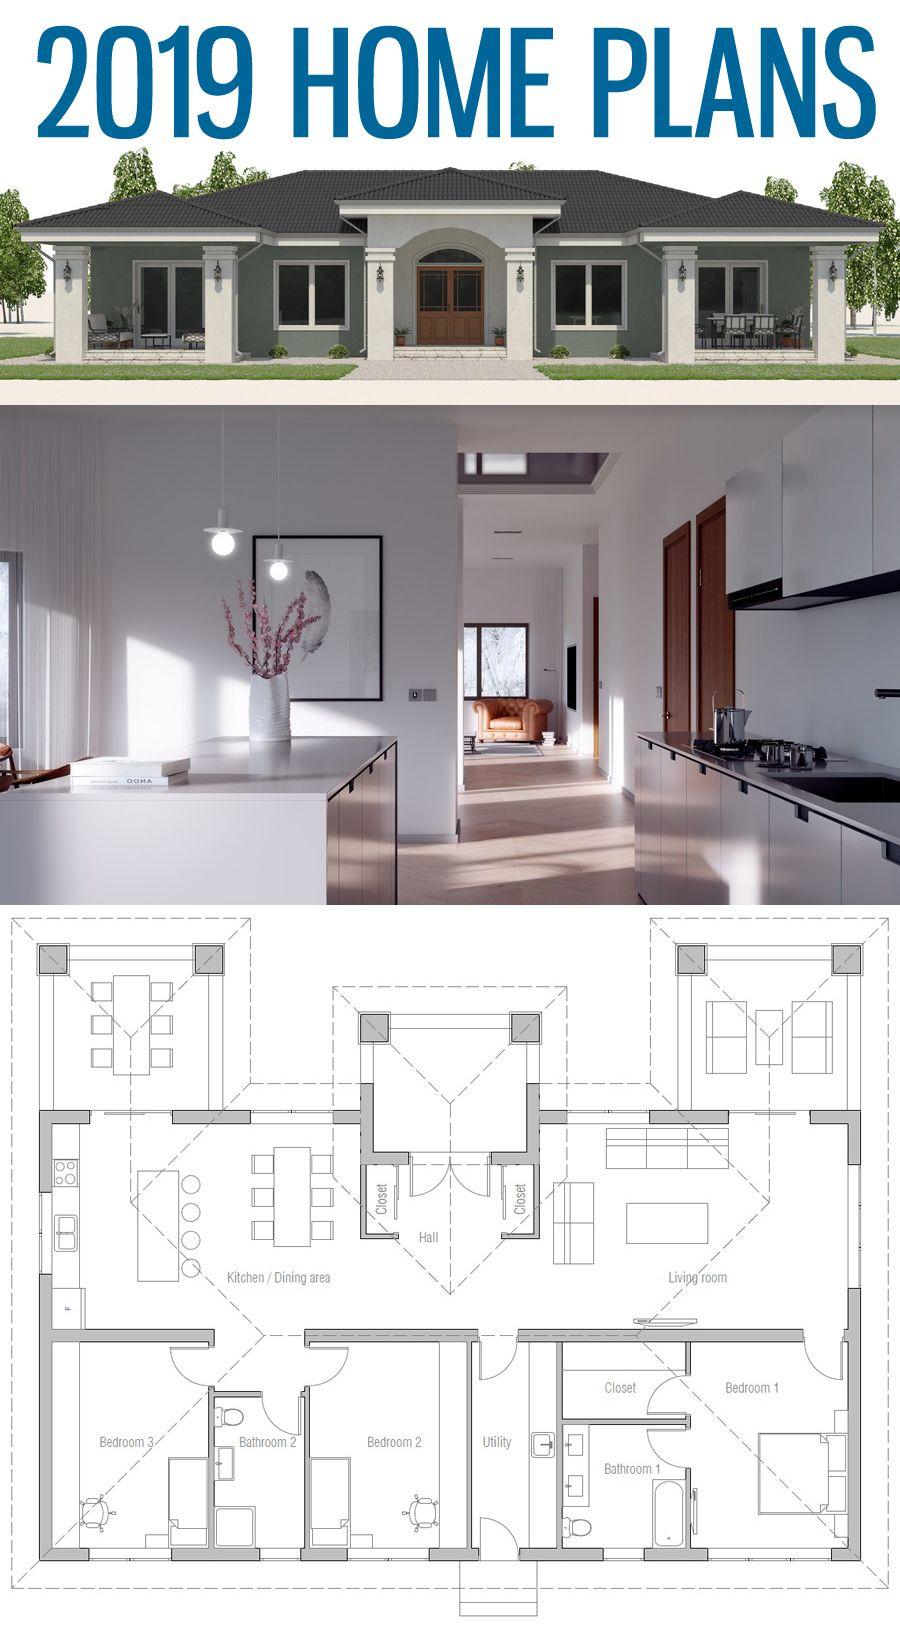 Architecture Home Plans House Plans Floorplans Newhomes Architecture House Plan Gallery Small House Plans My House Plans